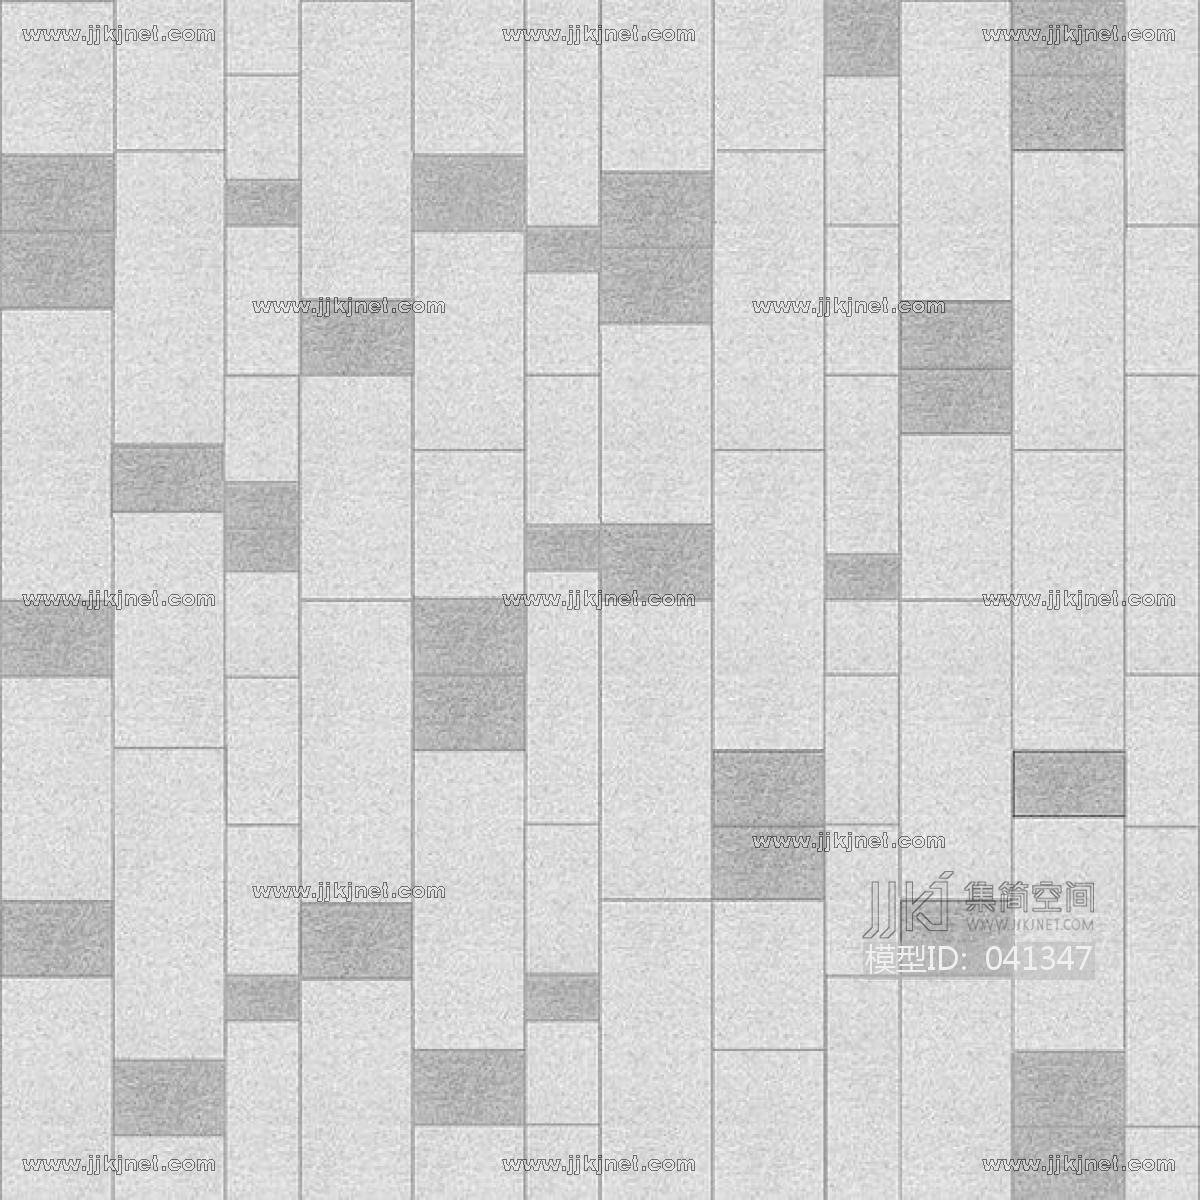 室外地面铺砖贴图_室外户外地铺广场园林步道砖地面地铺a (16)-【集简空间】3d模型 ...